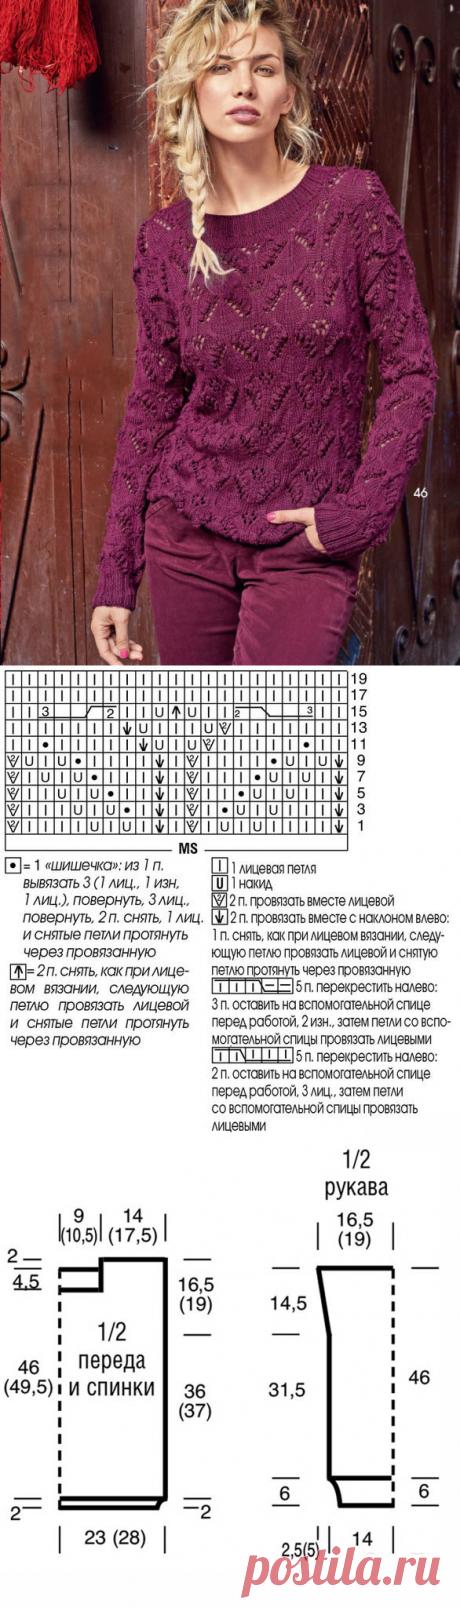 Малиновый пуловер спицами с ажурным узором - Портал рукоделия и моды